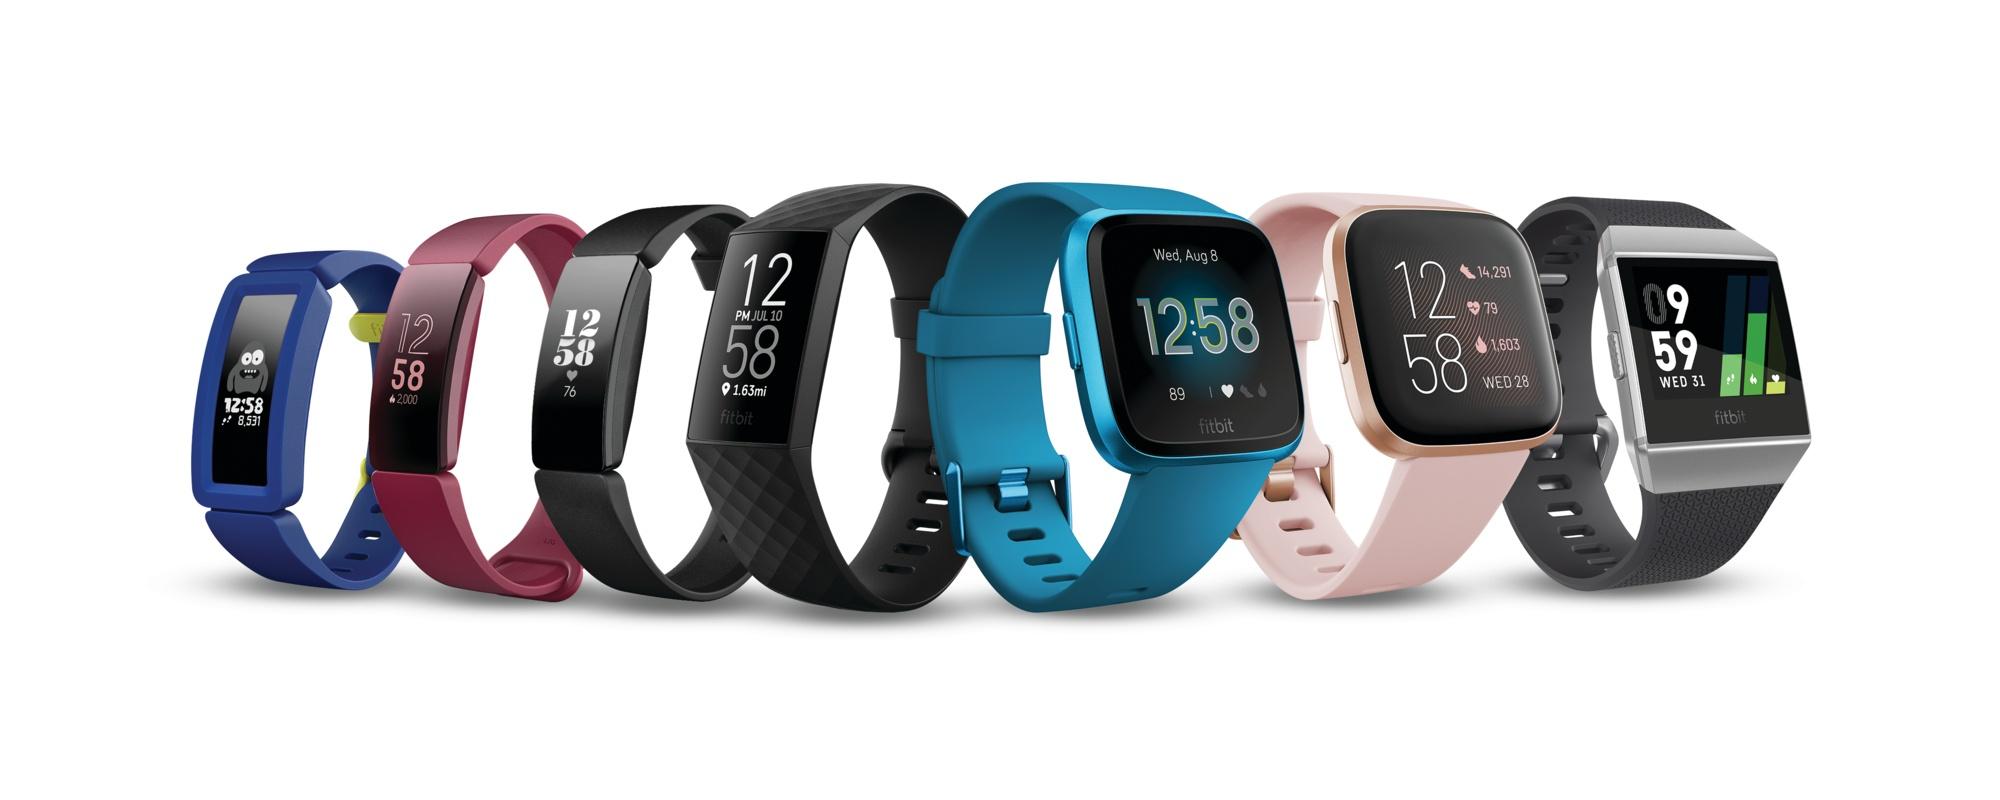 Fitbit Promo Codes & Cashback - September 2021